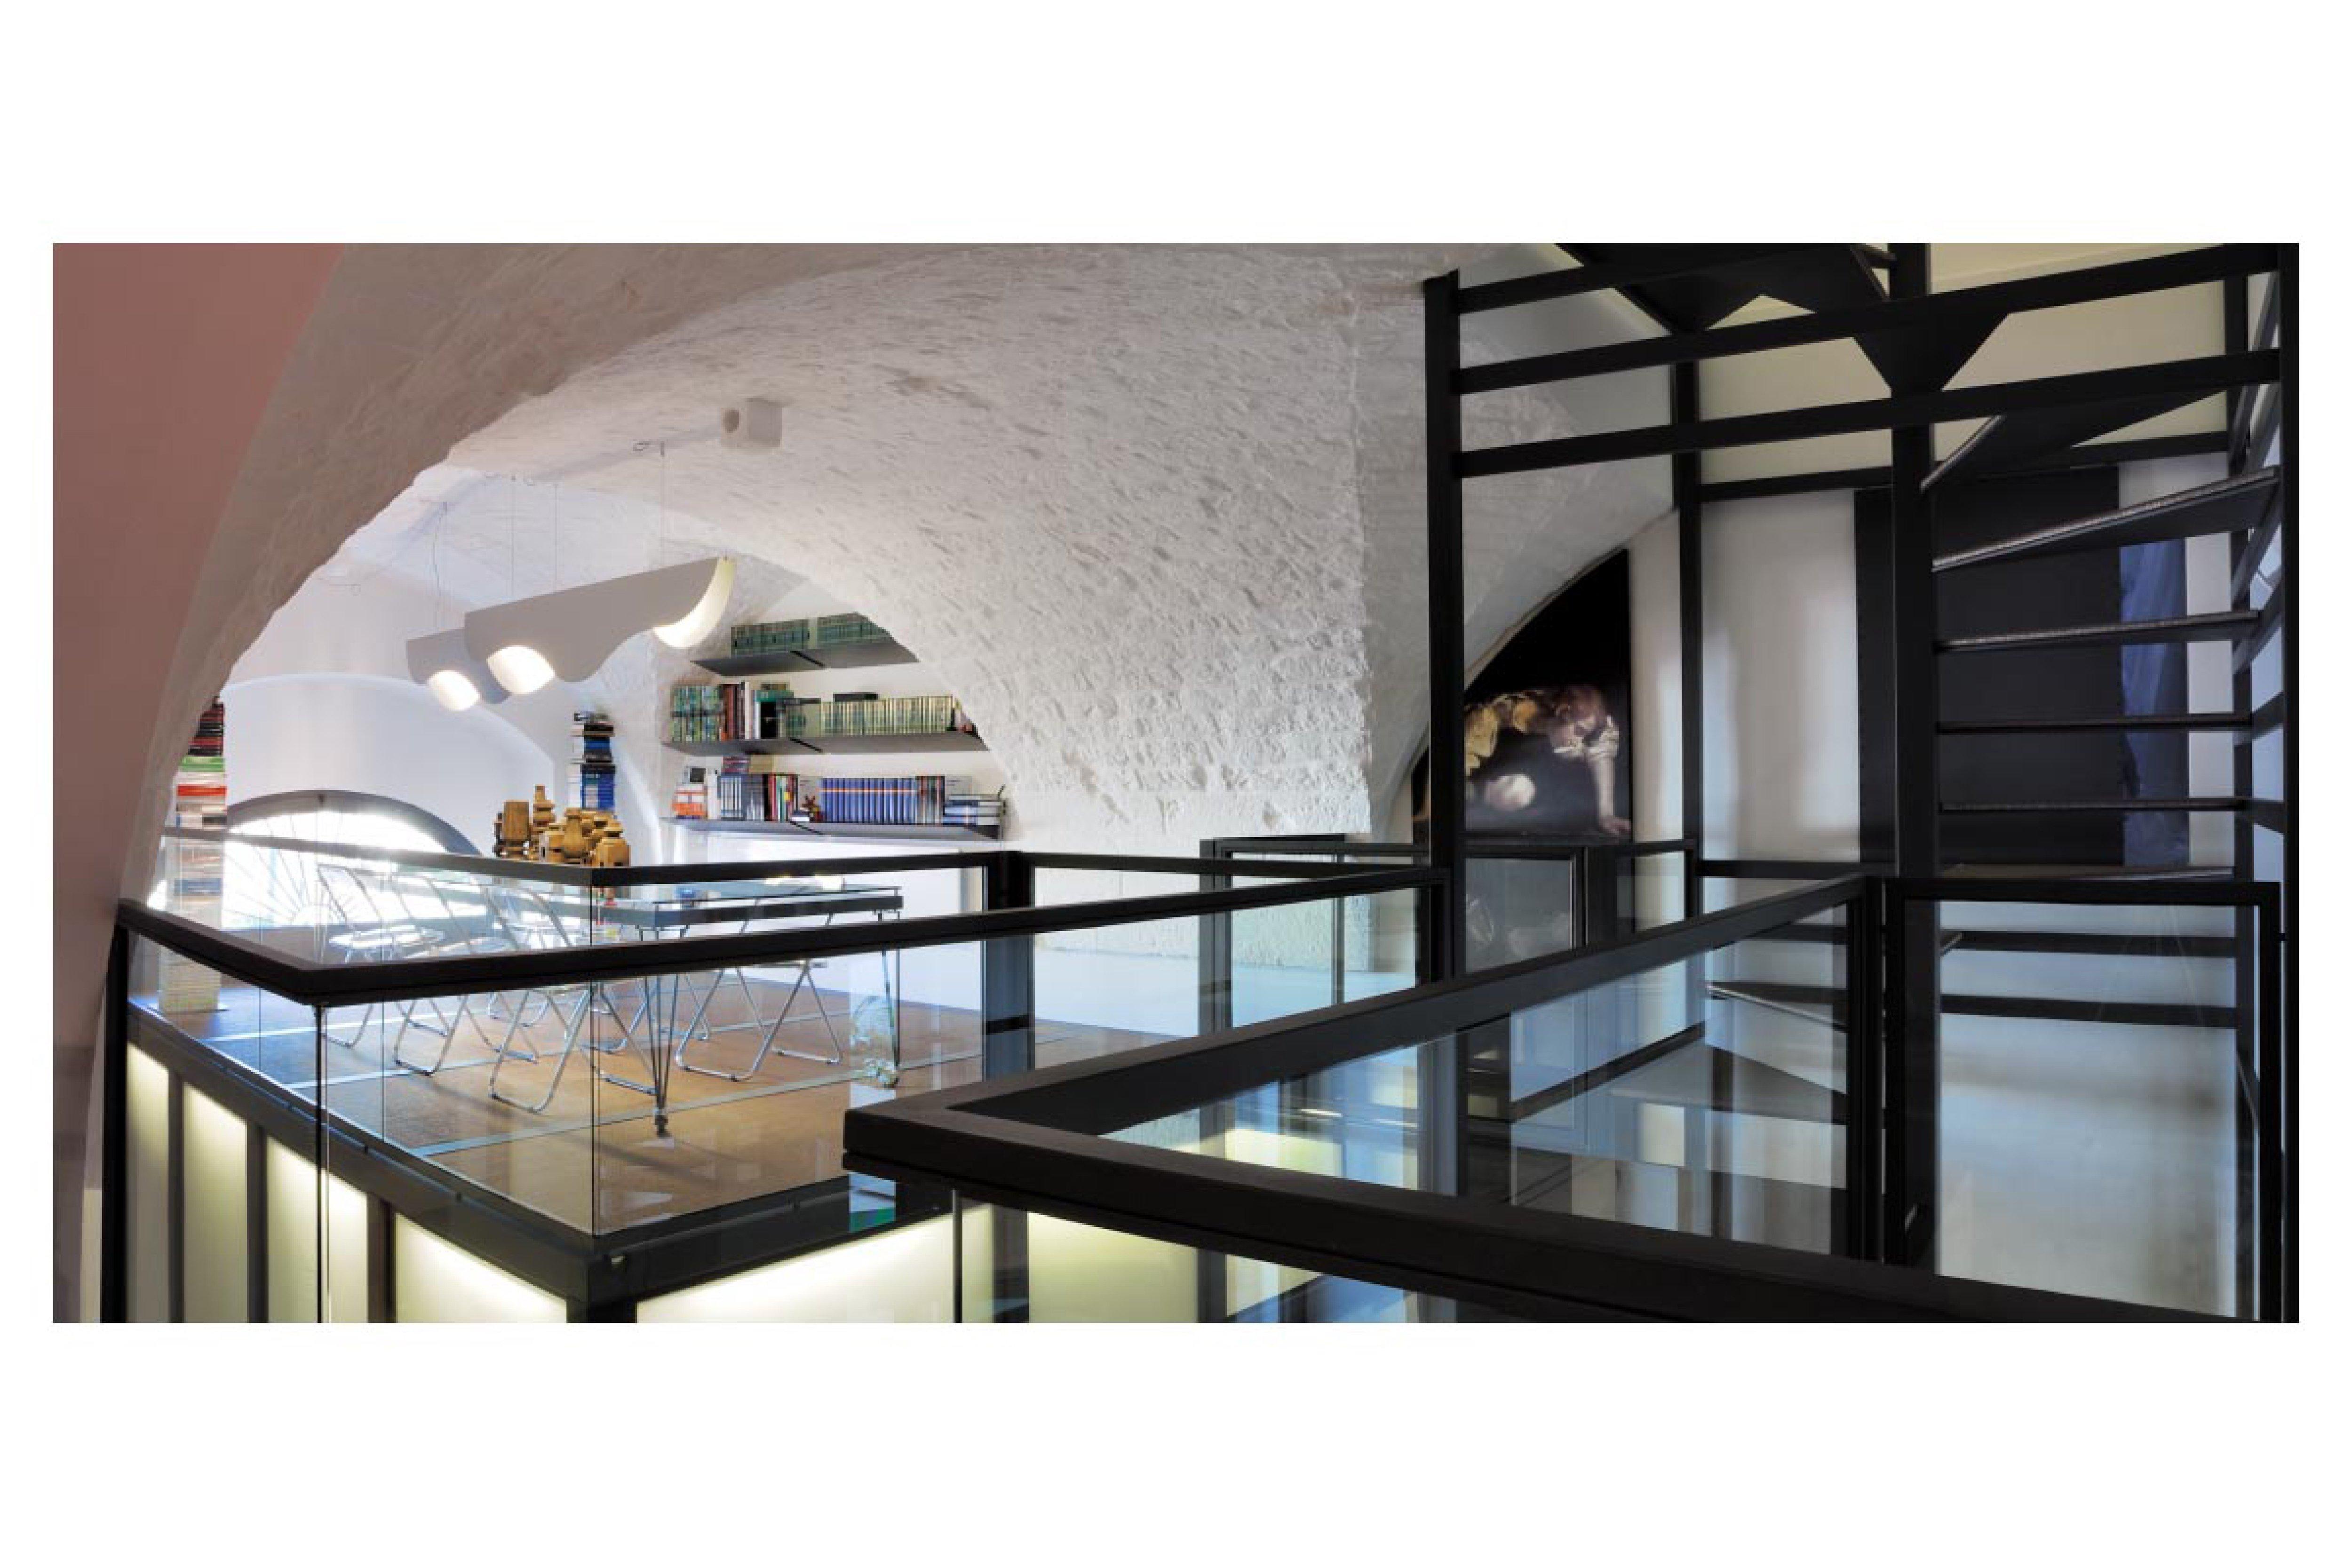 Illuminazione volte alte design per la casa idee per for Illuminazione casa design